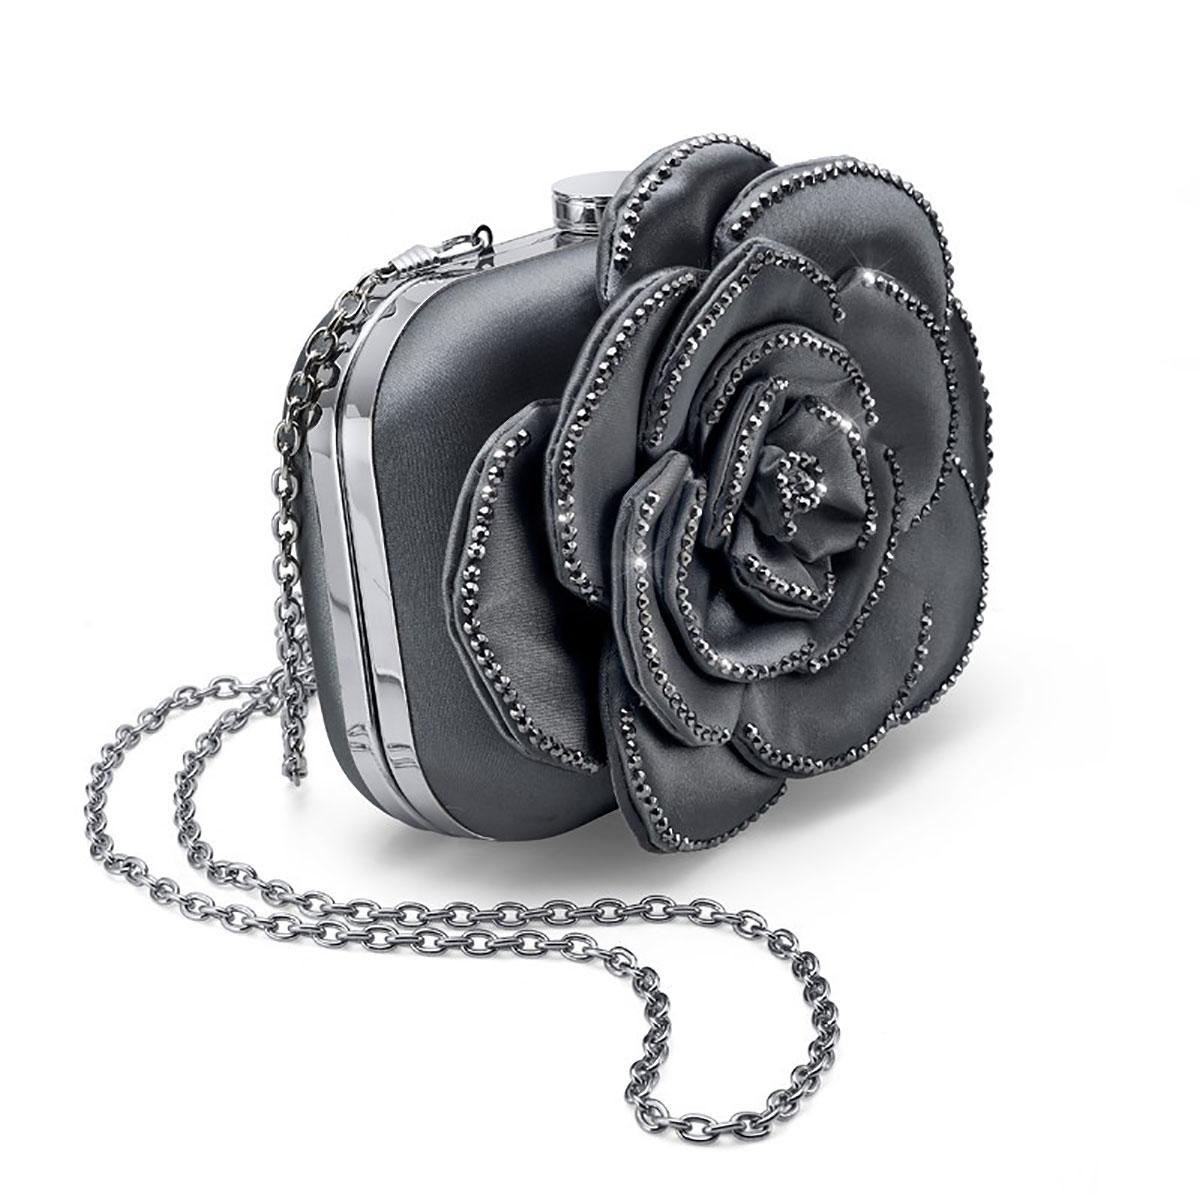 کیف دستی مدل گل مشکی